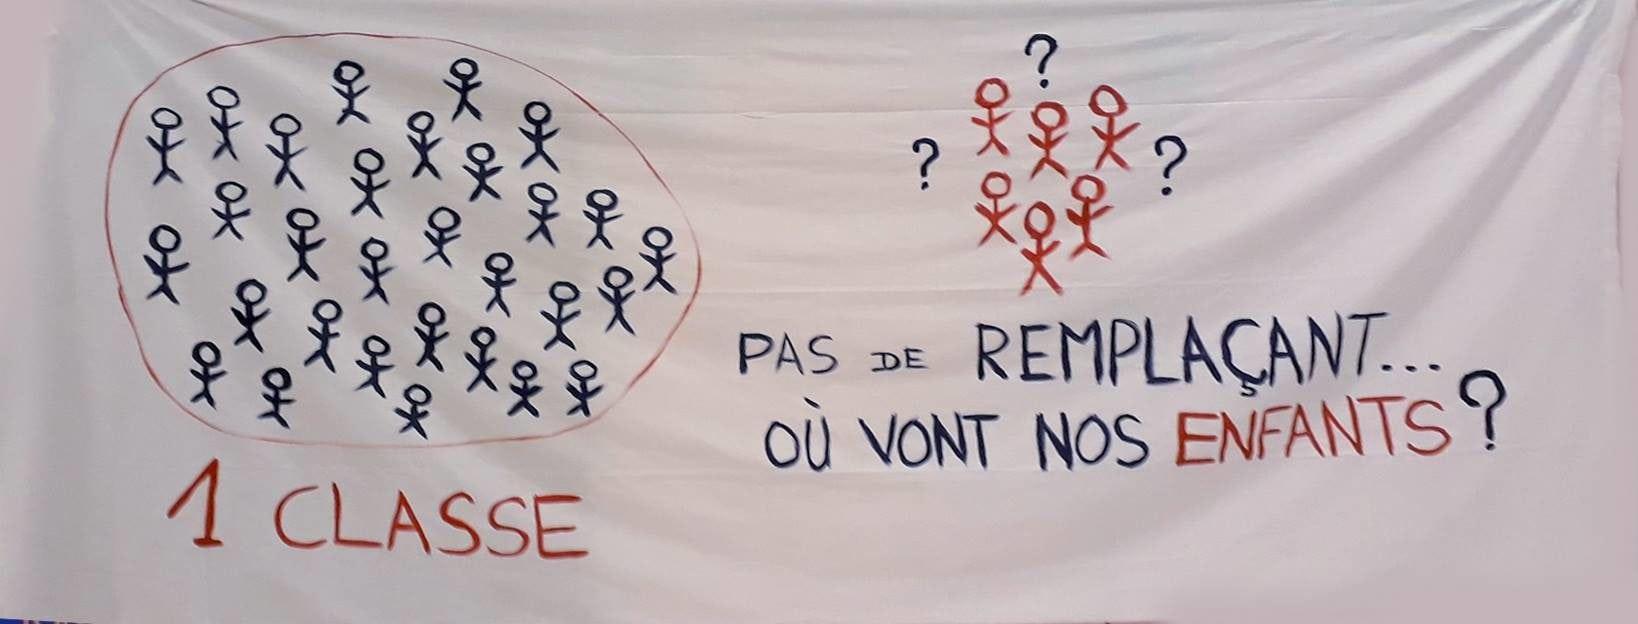 Mercredi, des parents d'élèves manifestent contre le non-remplacement des professeurs absents